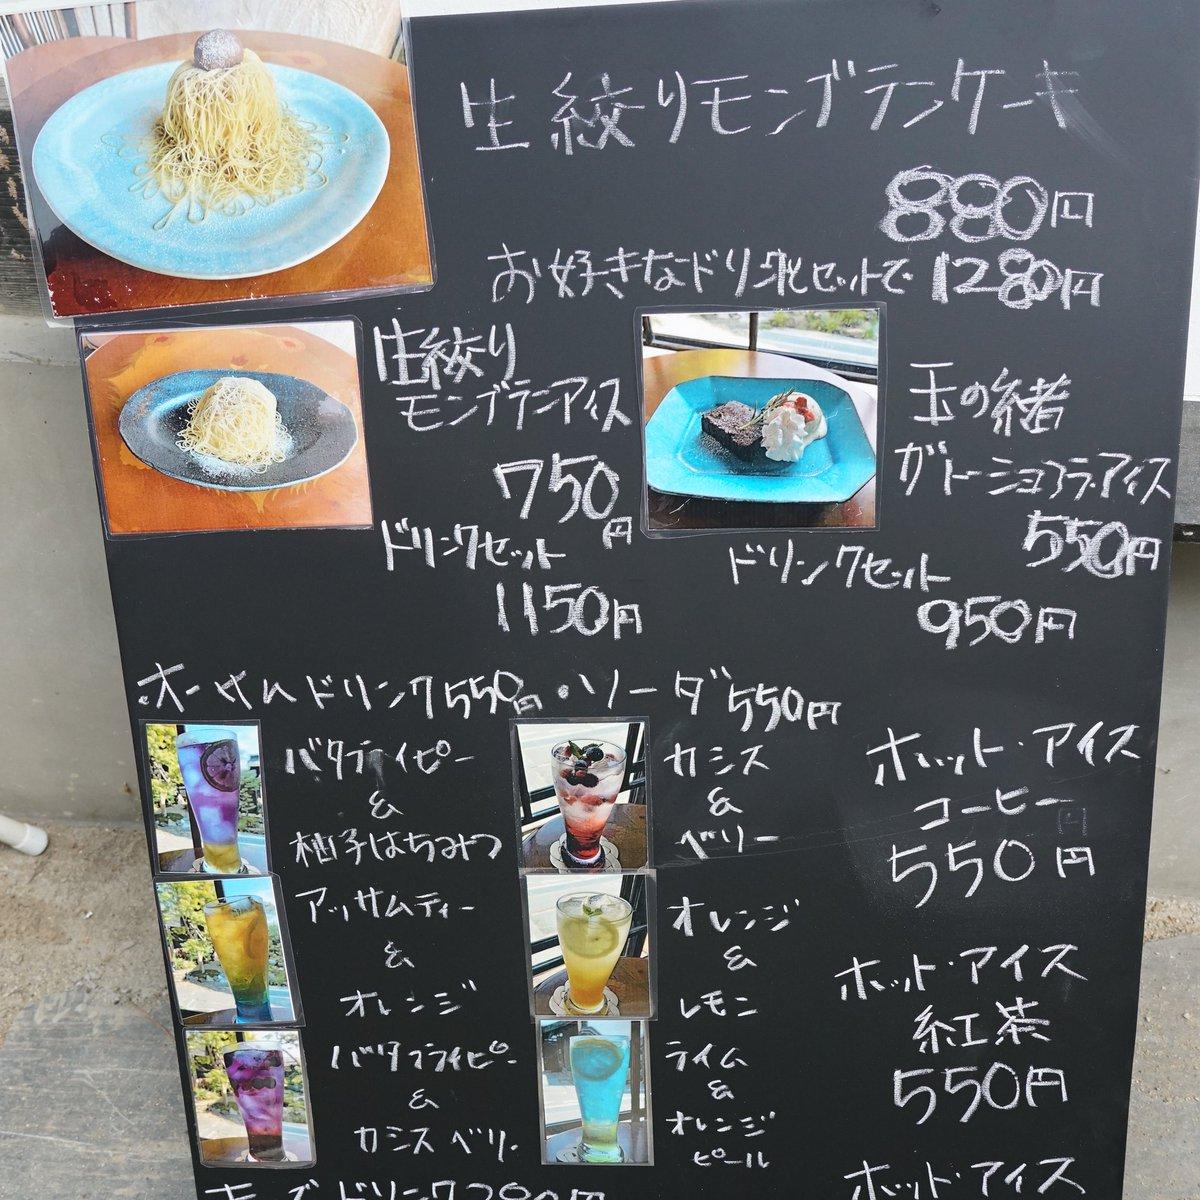 test ツイッターメディア - poisson bleu cafeさんでさっそく買ってみました! アイスの上にたっぷりのモンブランクリームがかけられた「生絞りモンブランアイス」。細く絞ったモンブランクリームとアイスの組み合わせはこんな暑い日にはぴったり。焼きメレンゲも入っていてサクサク食感も楽しめました~ #ポワッソンブルーカフェ https://t.co/sKYxYZIym9